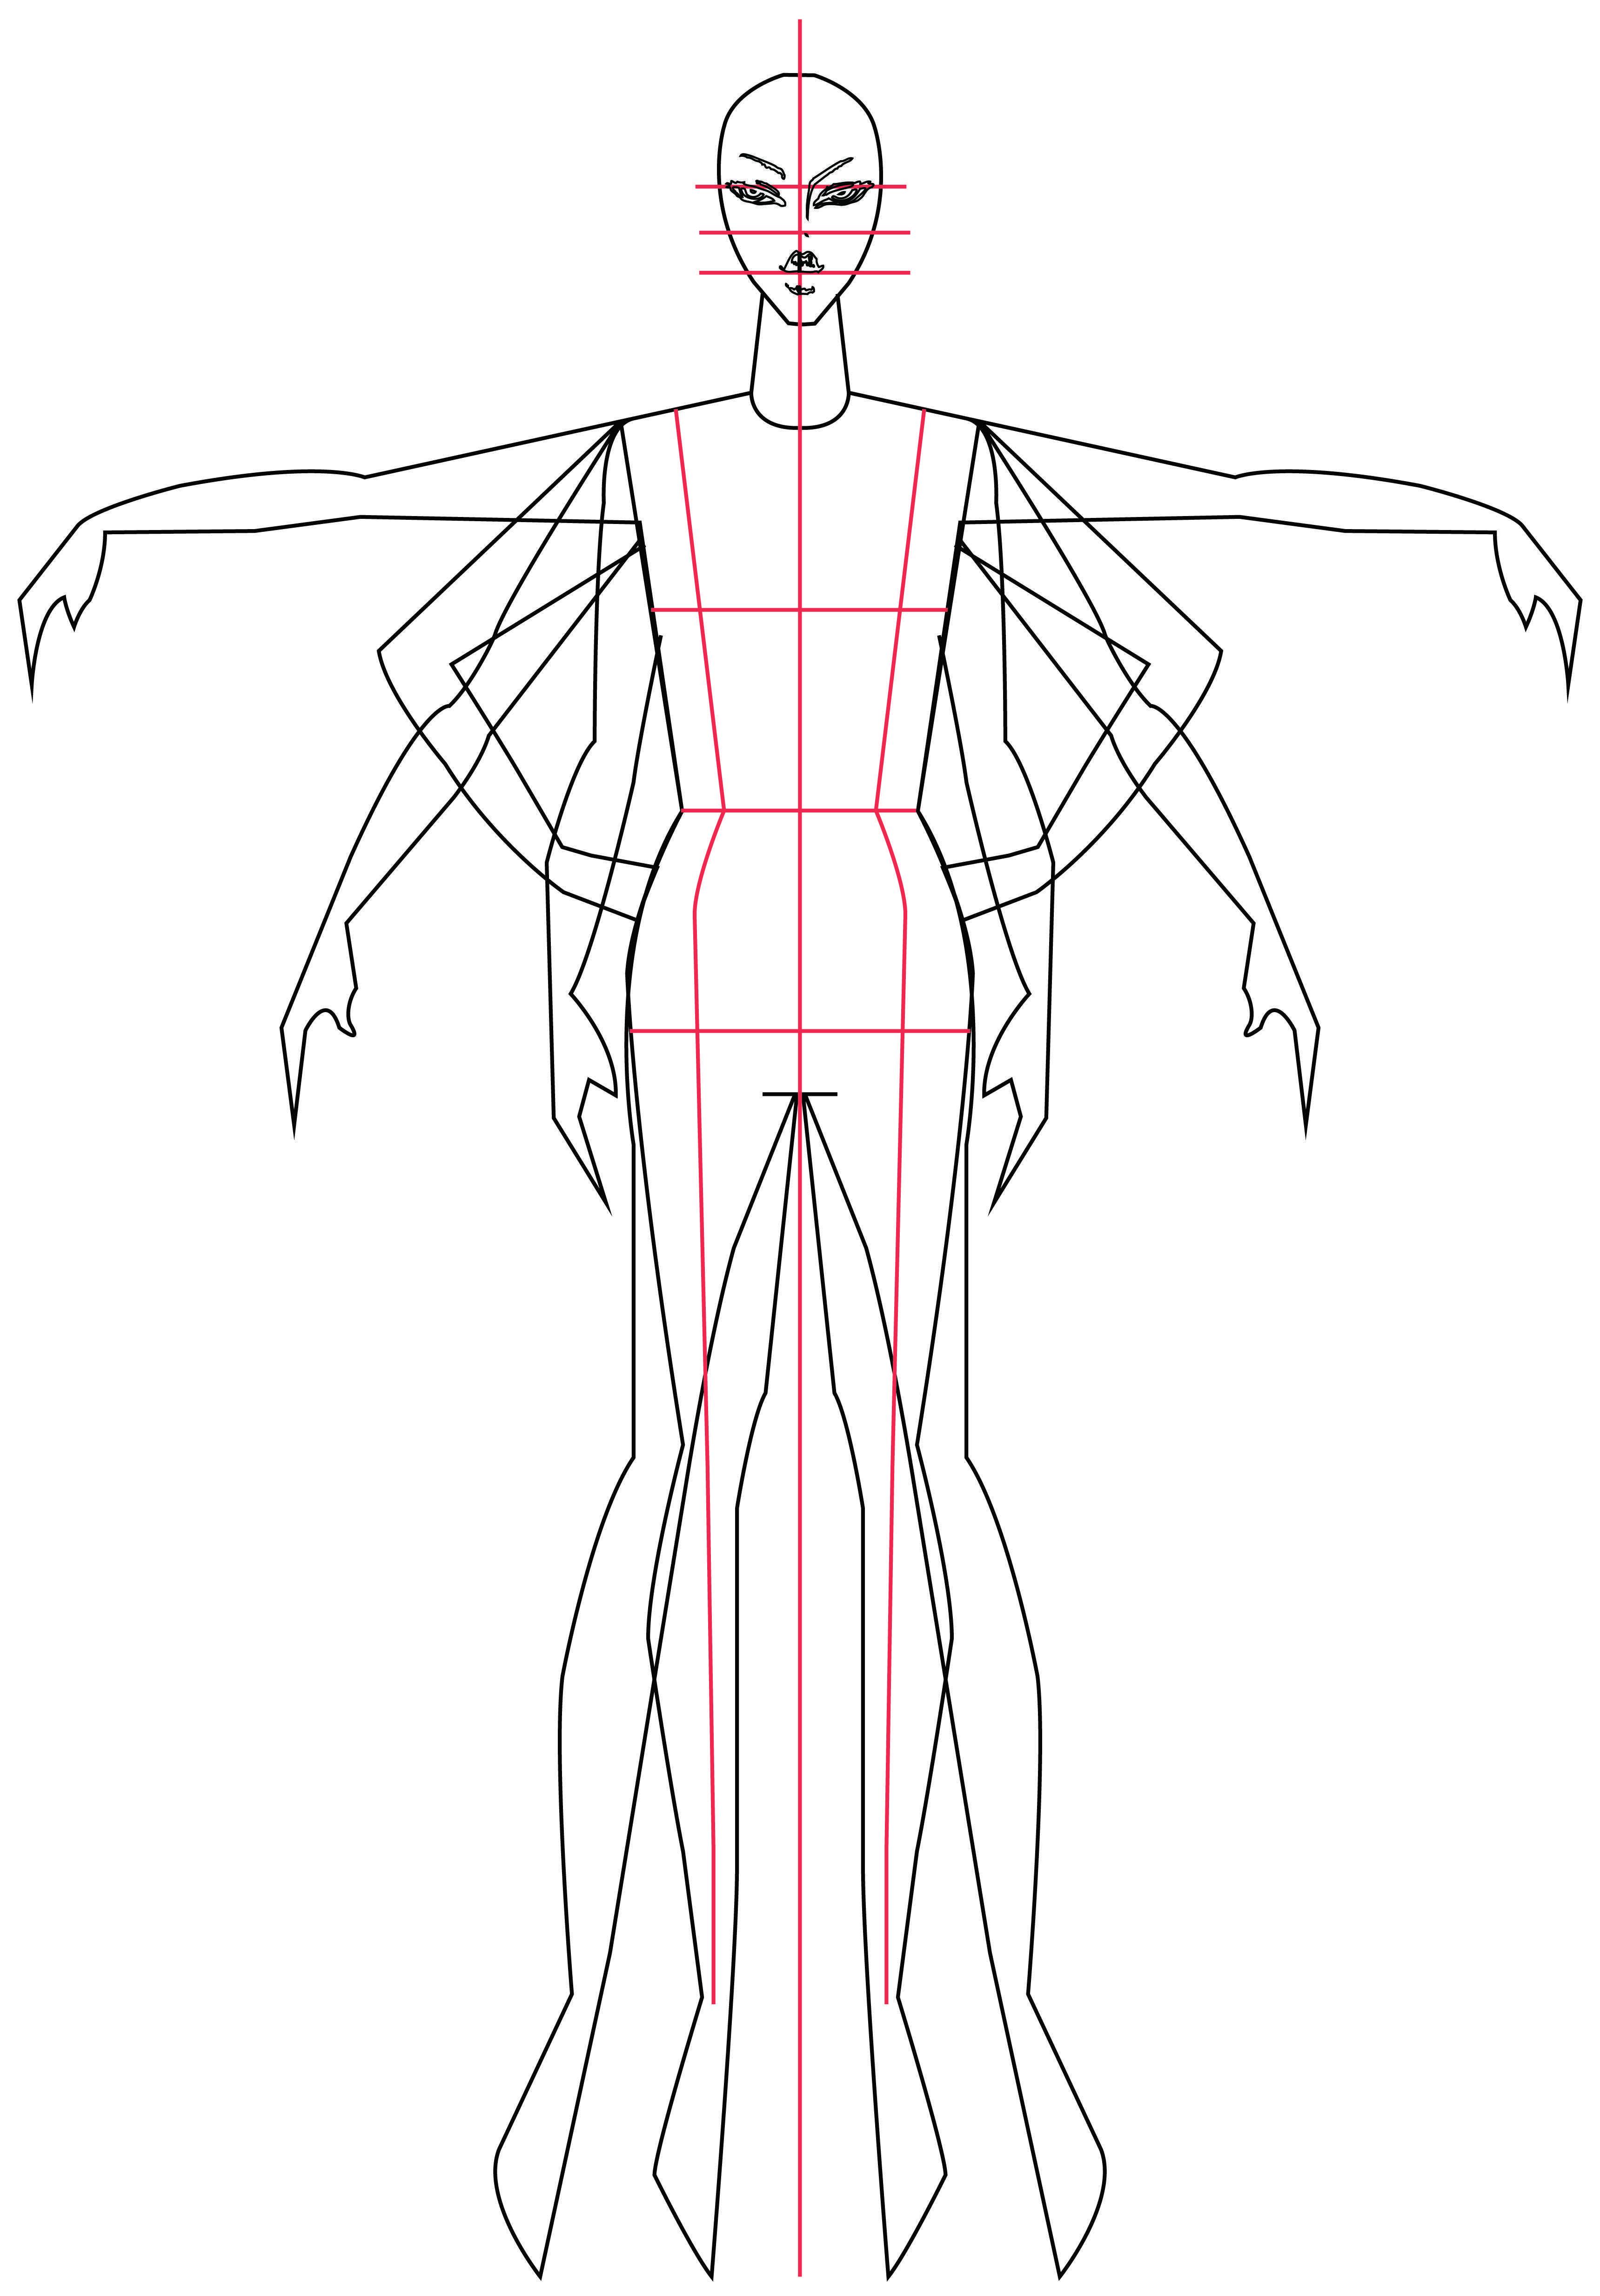 Pin Von Hajar Auf Dessins Mode Design Vorlage Modedesign Skizzen Modeskizze Zeichnen